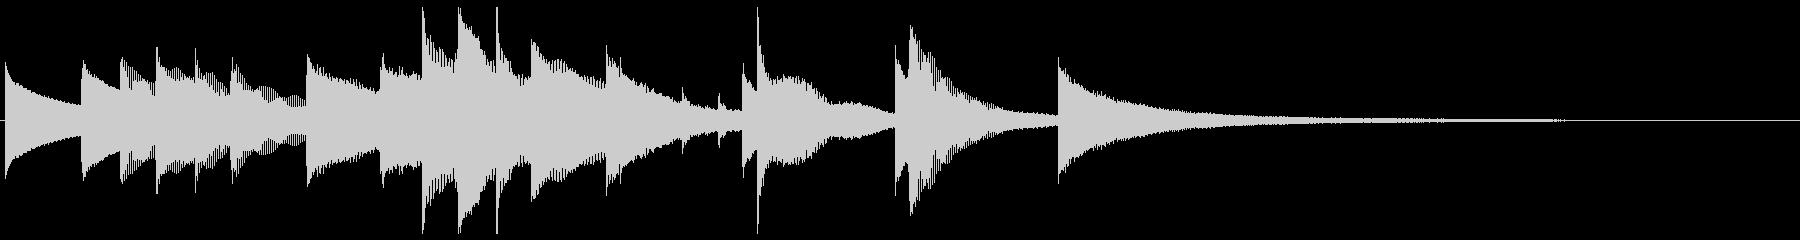 お茶目なオルゴールのキュートなジングルの未再生の波形